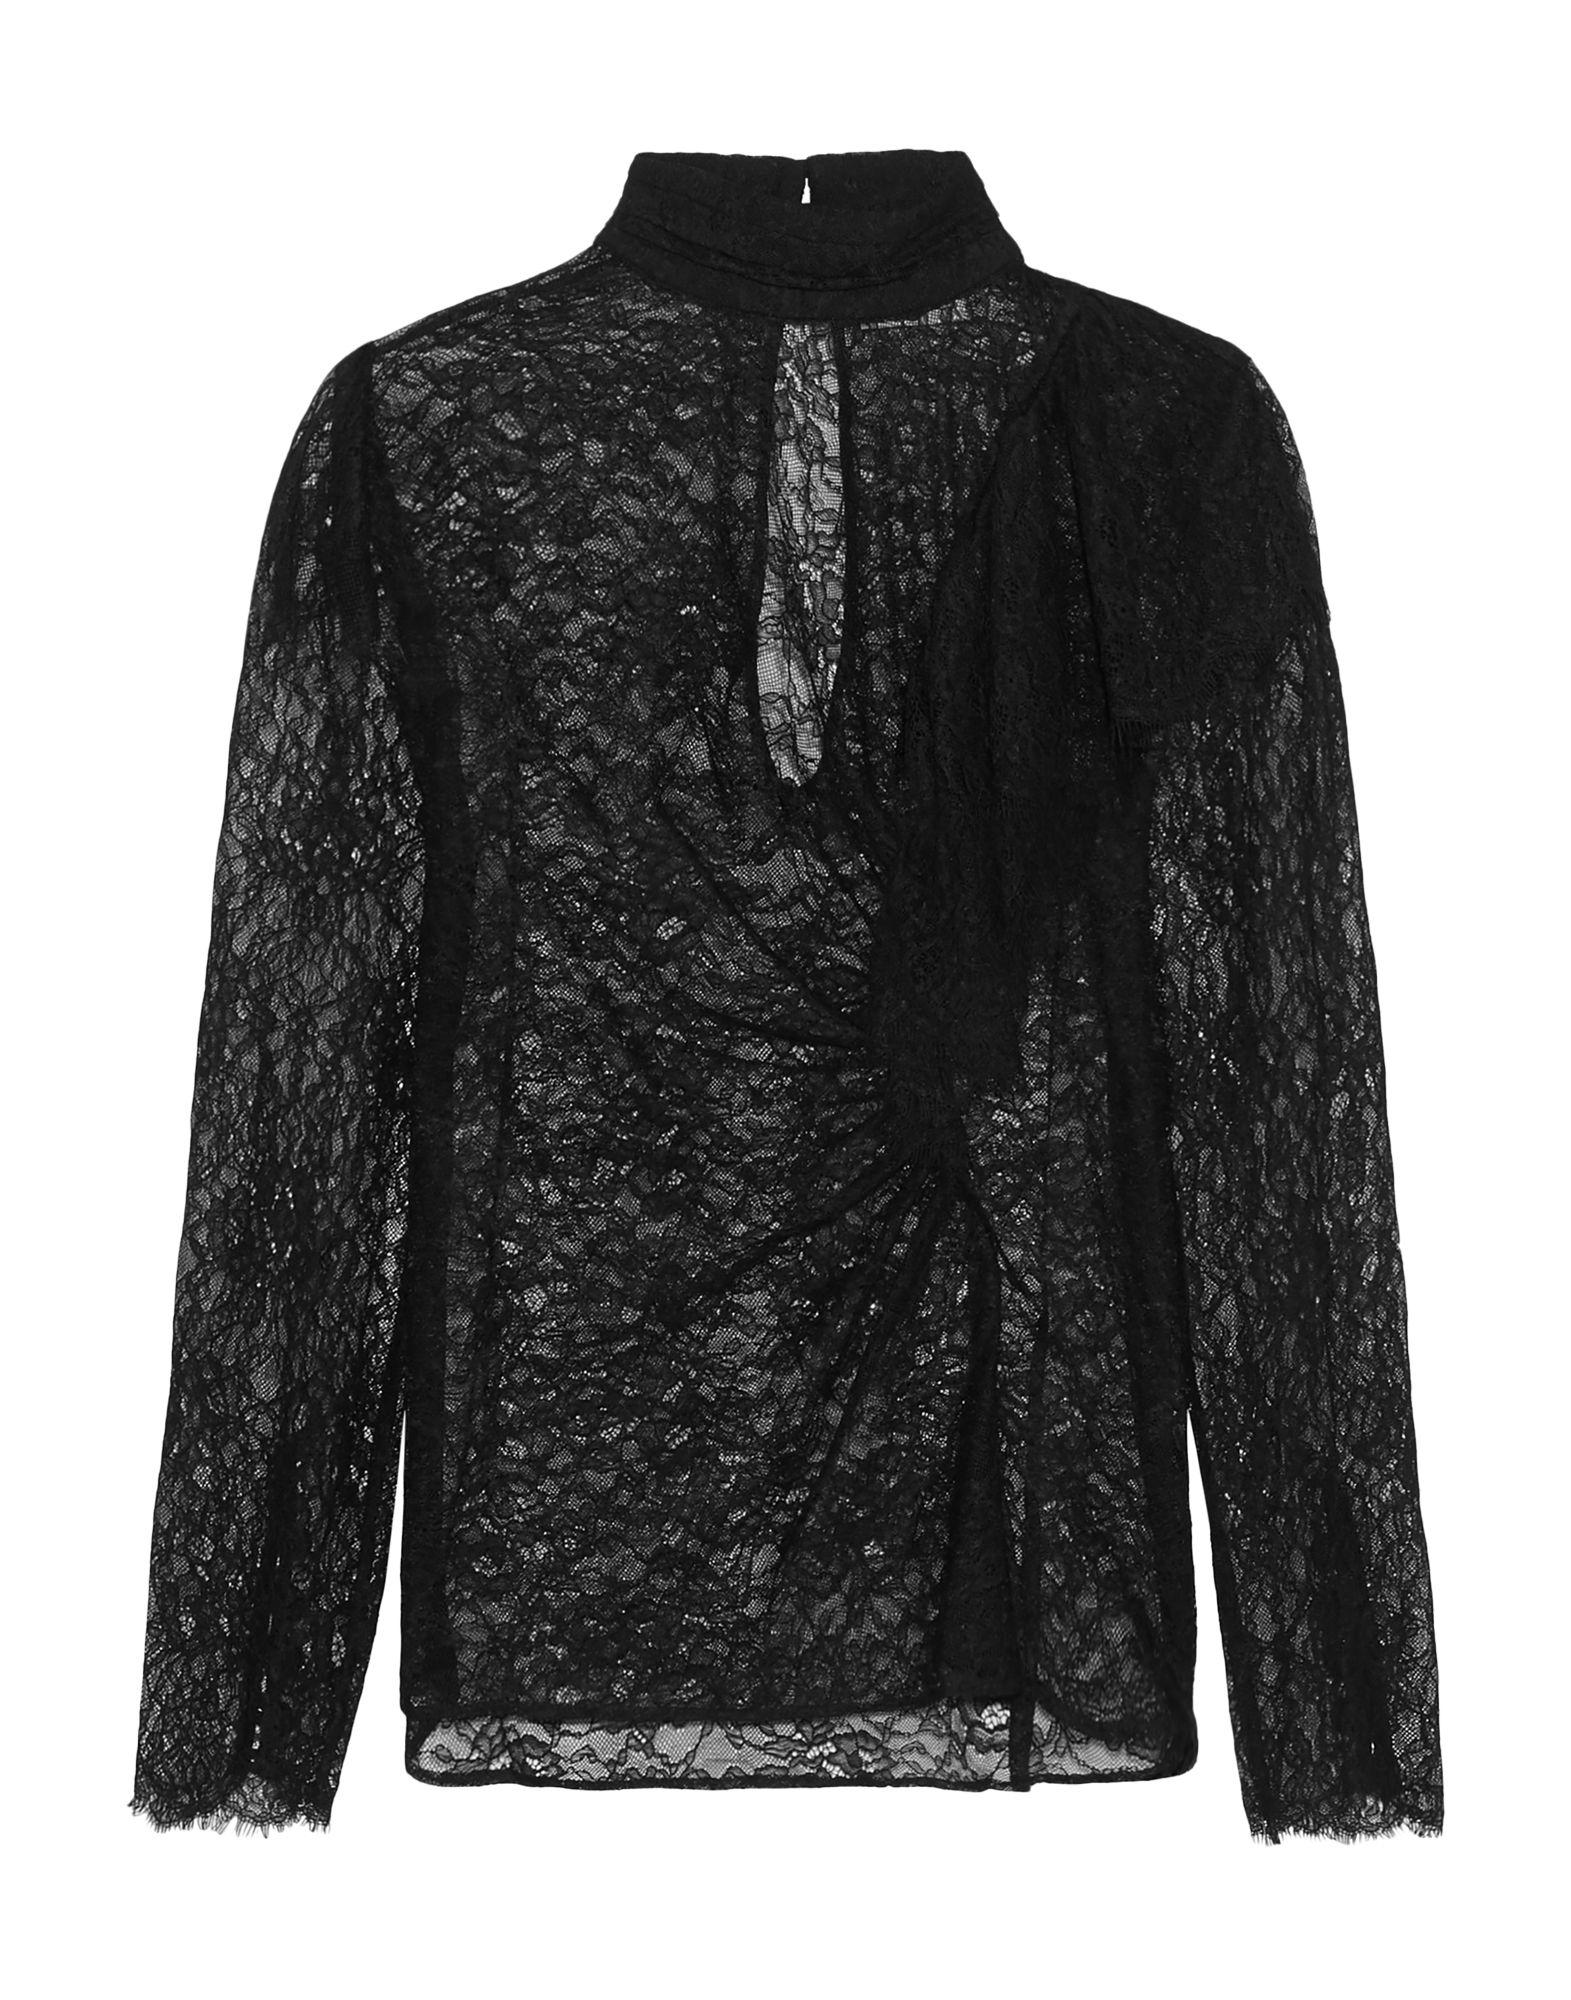 TOPSHOP UNIQUE Блузка brand unique блузка